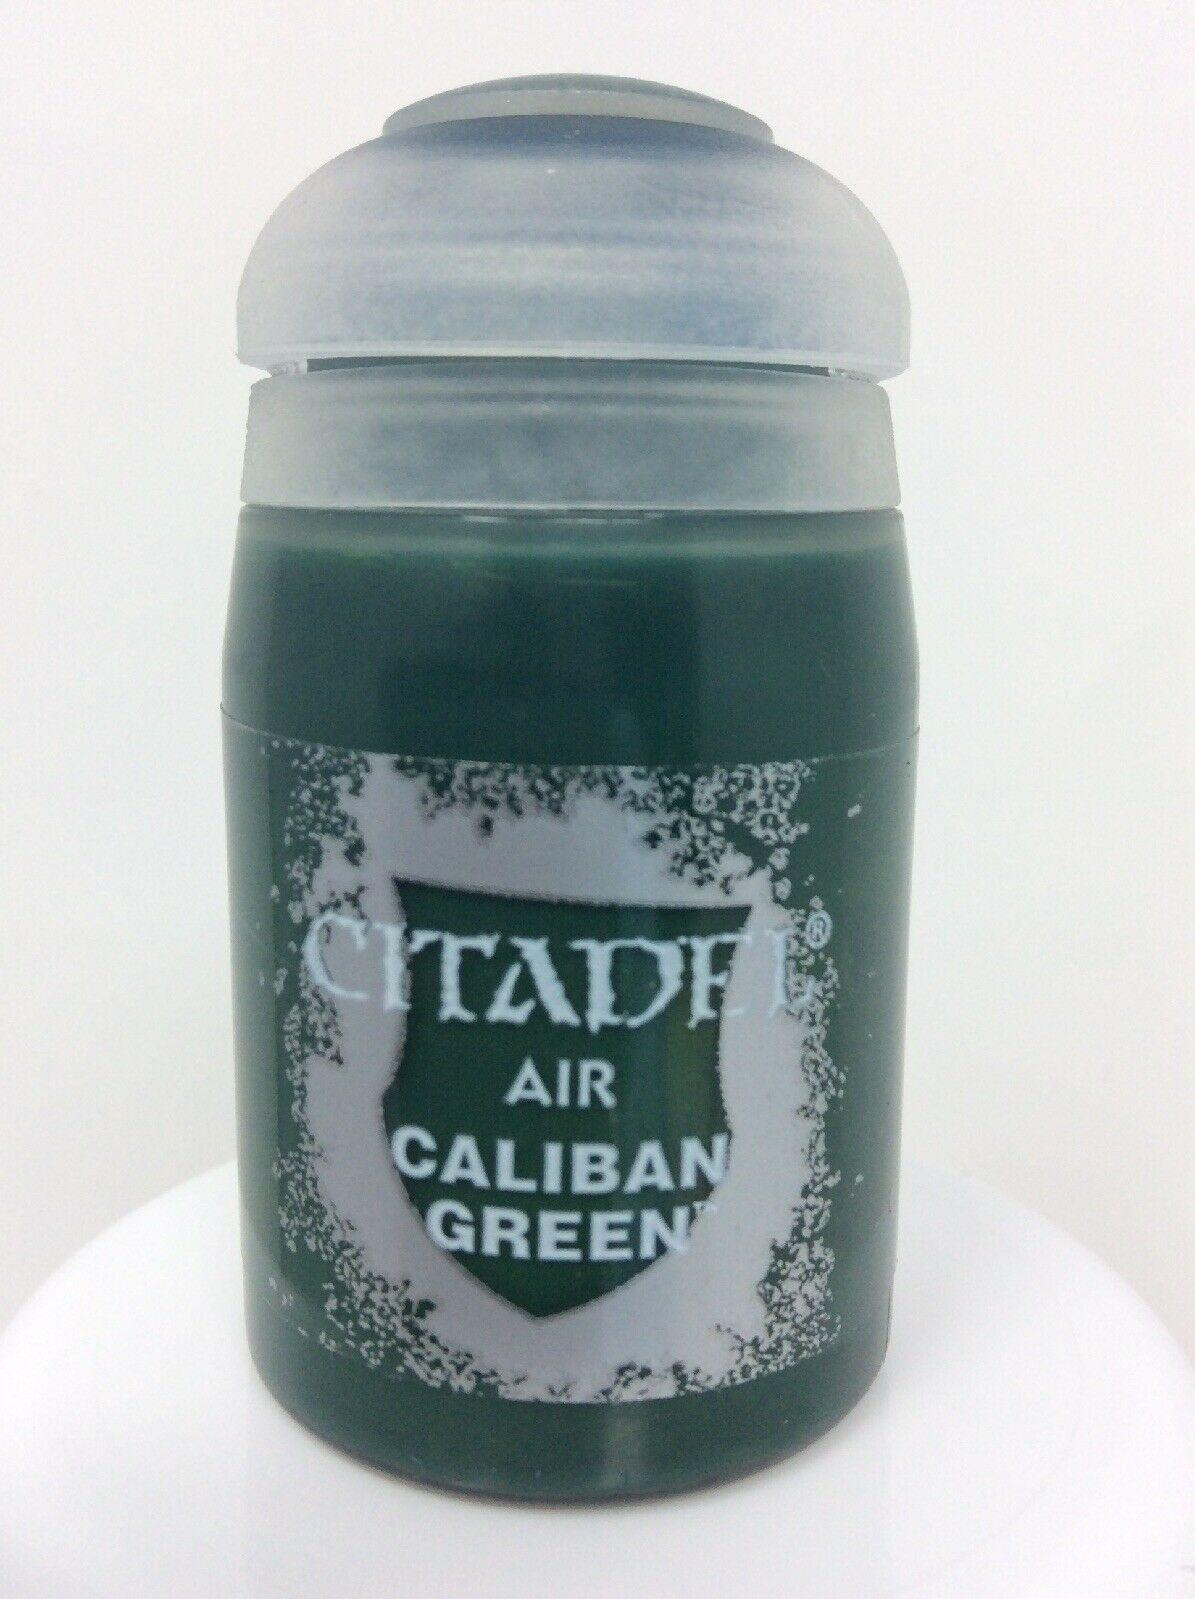 Air: Caliban Green (24ml)